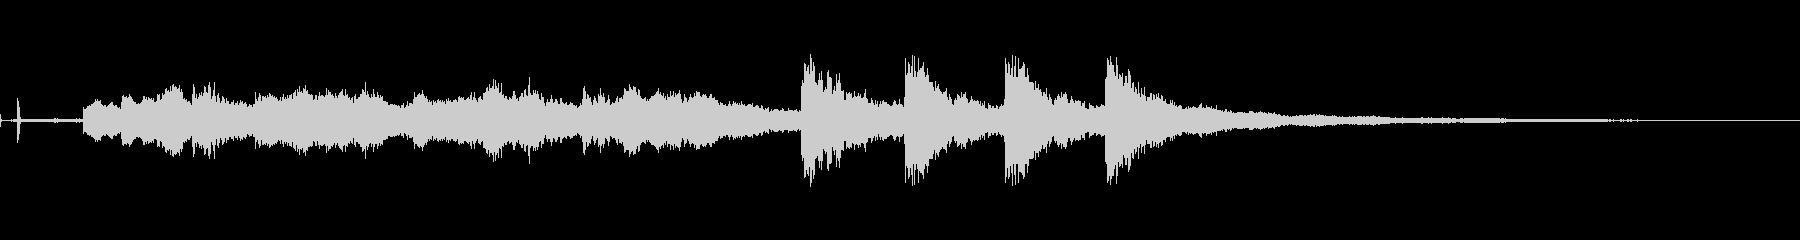 ウェストミンスター:4 O'CLO...の未再生の波形